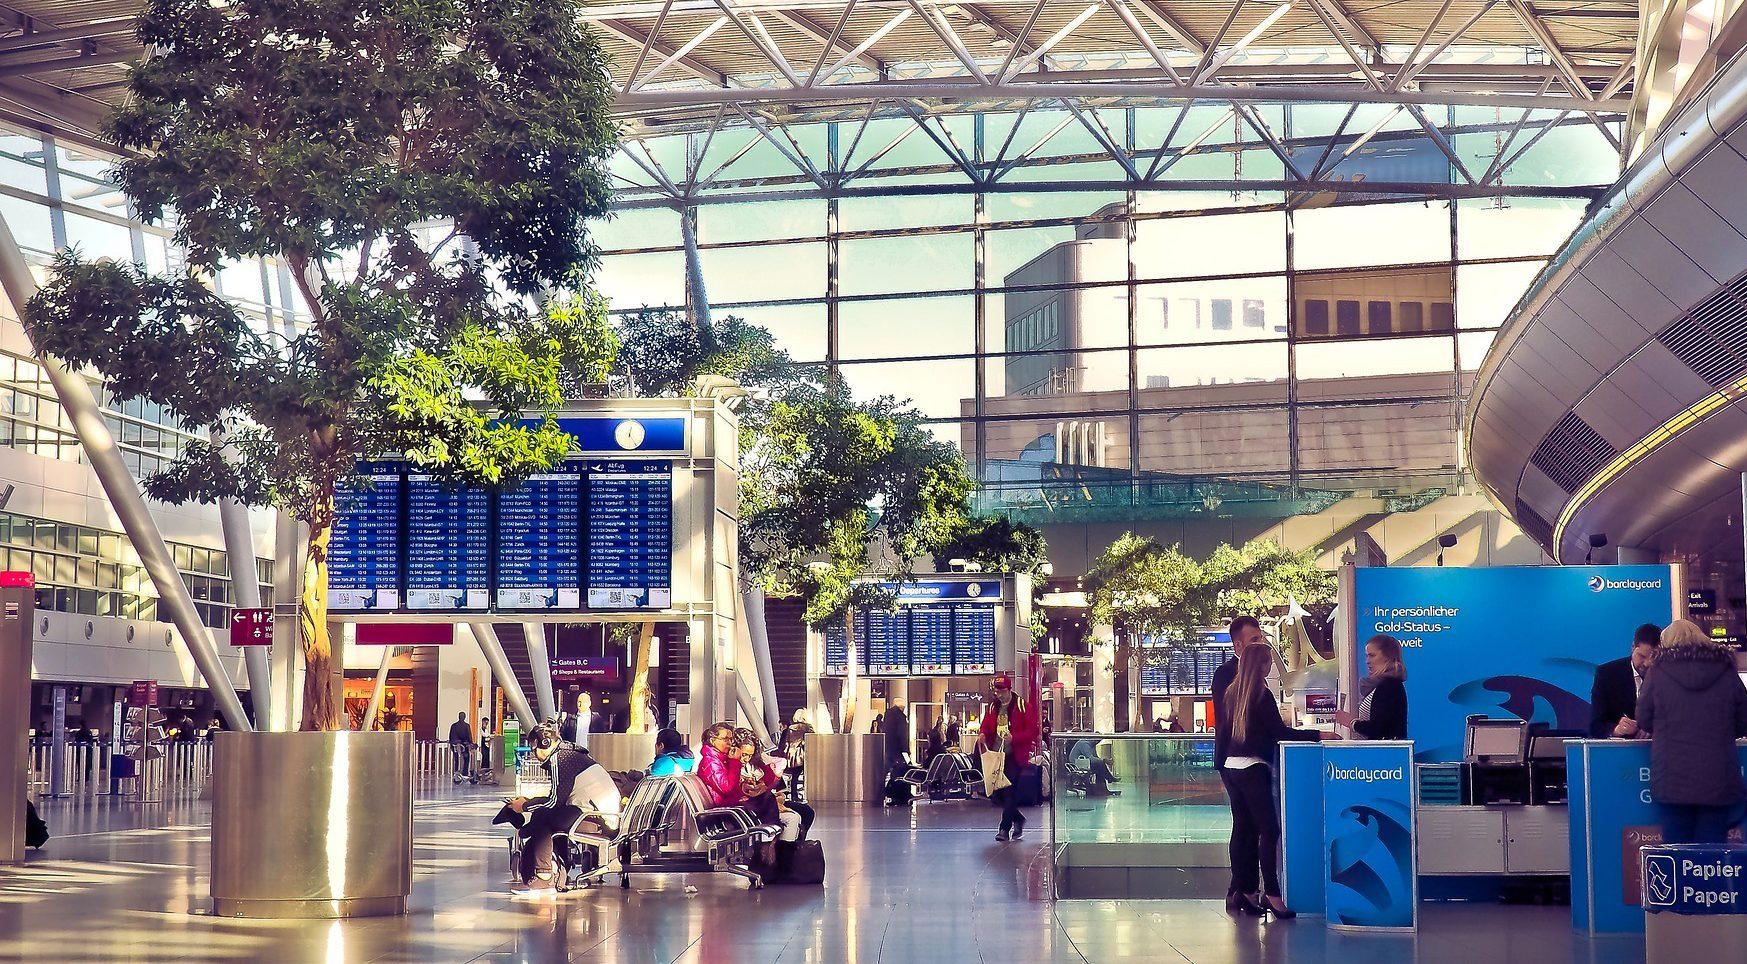 Flughafen Munchen Parken Hotel